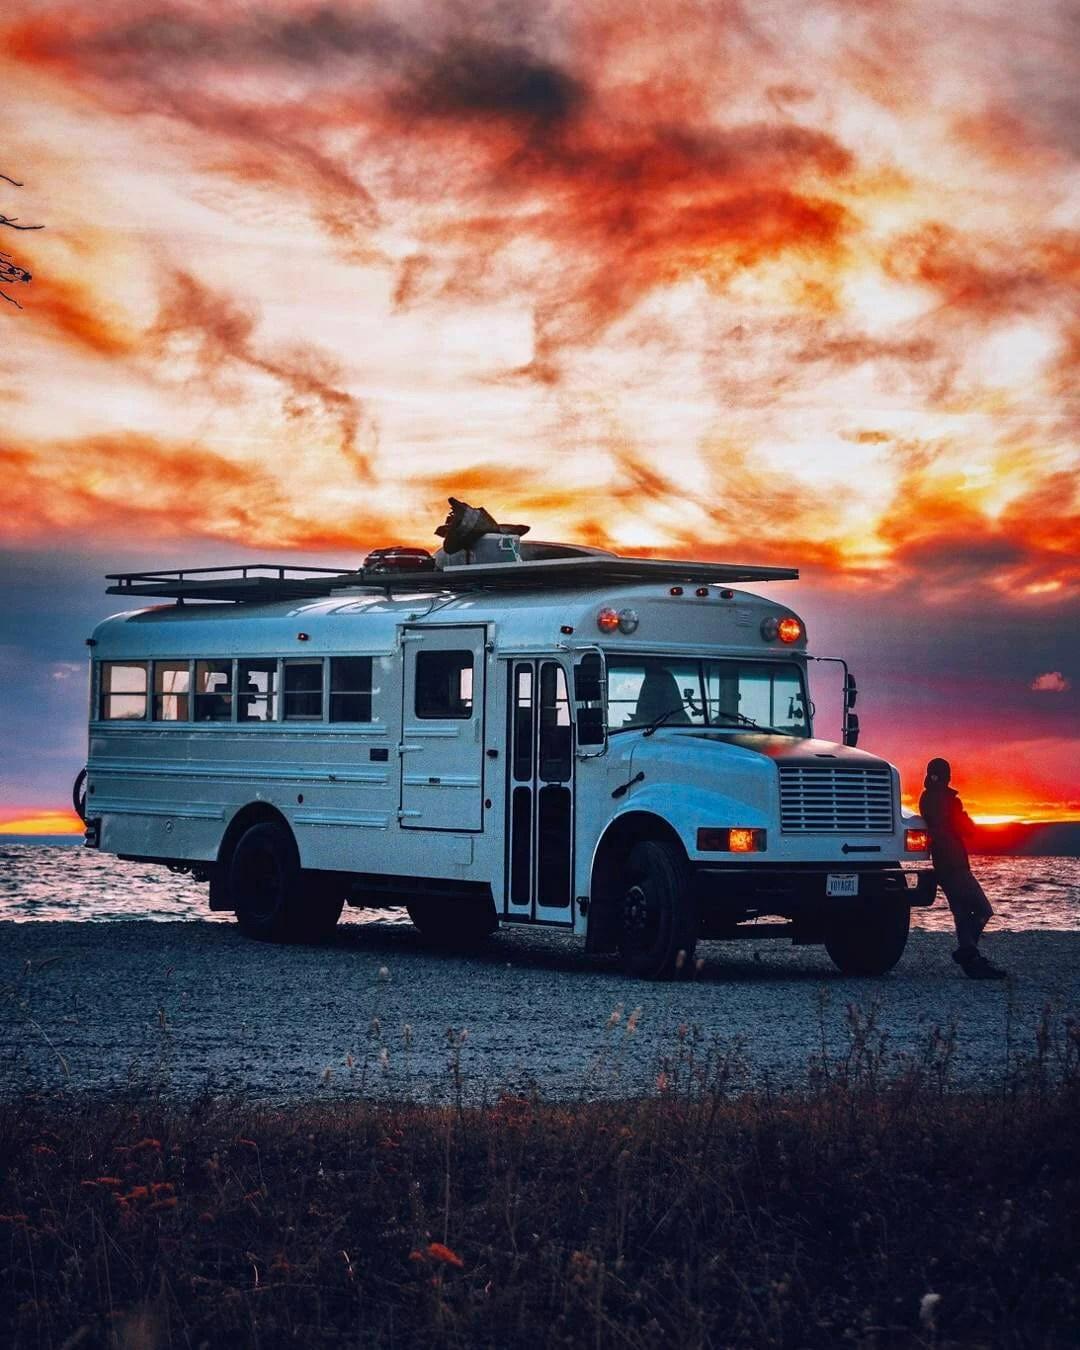 skooli bus conversion interior design